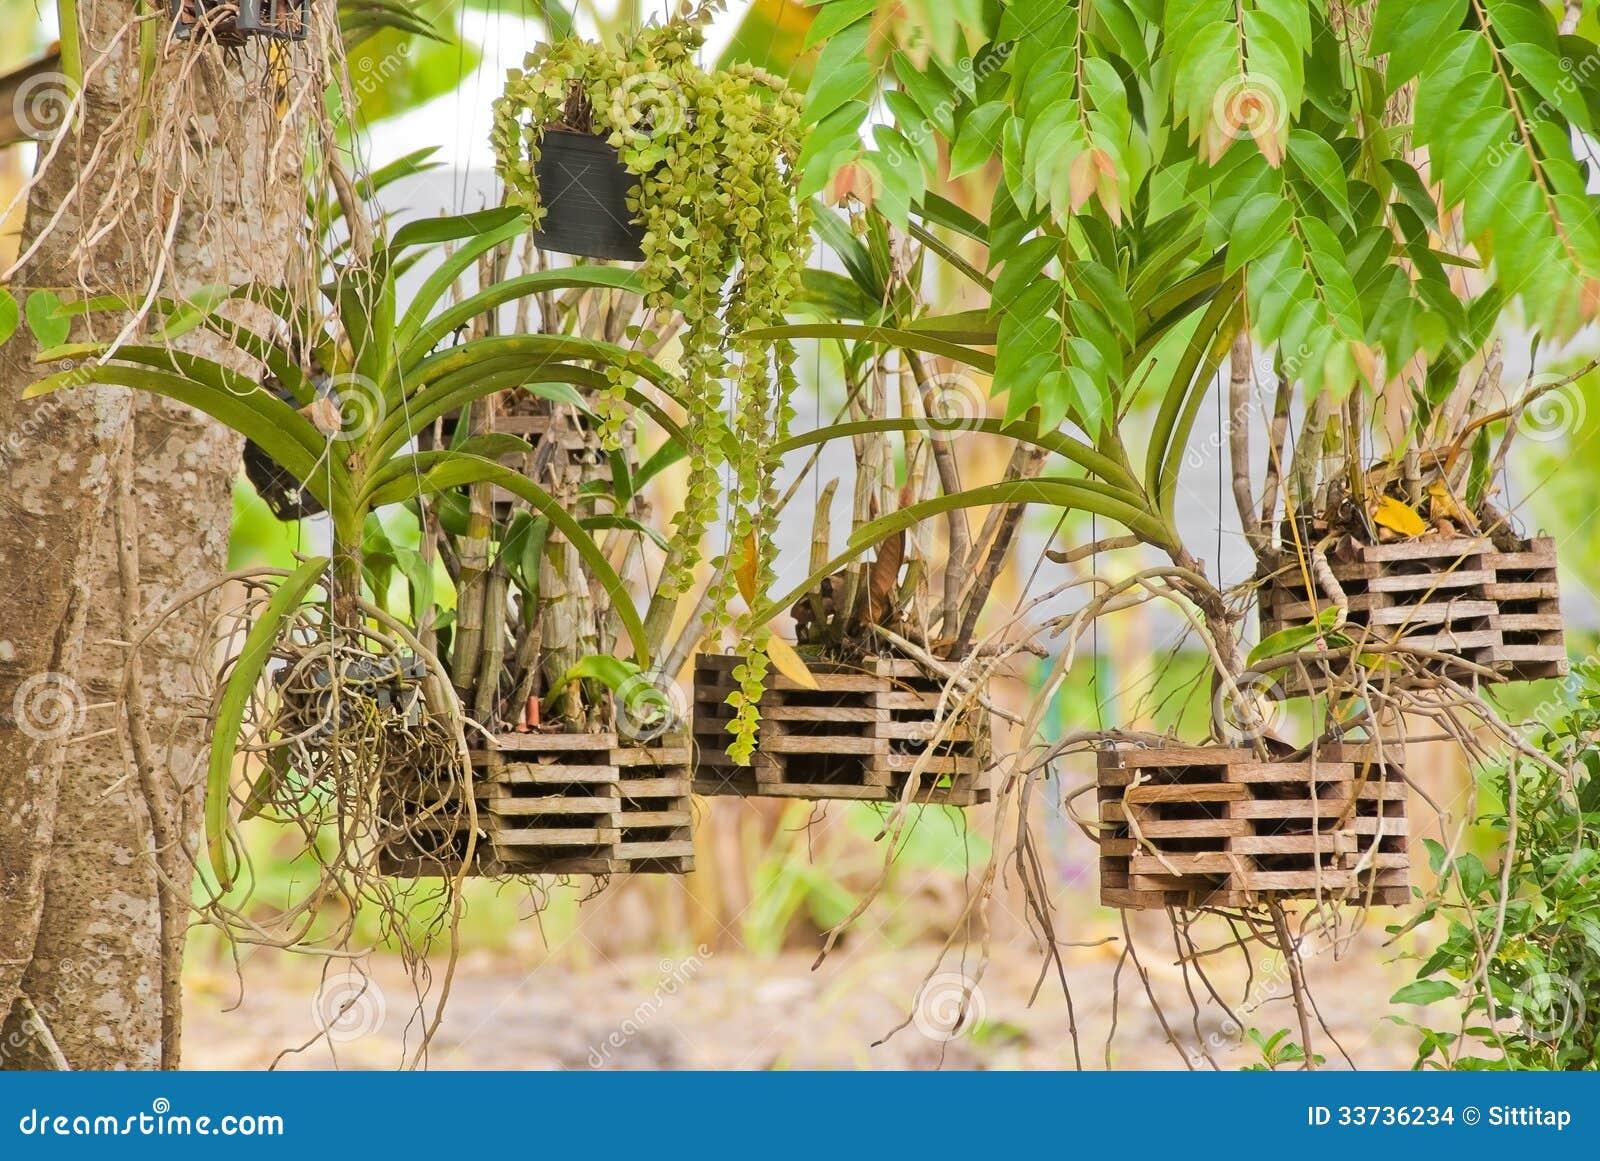 Orchideetuin